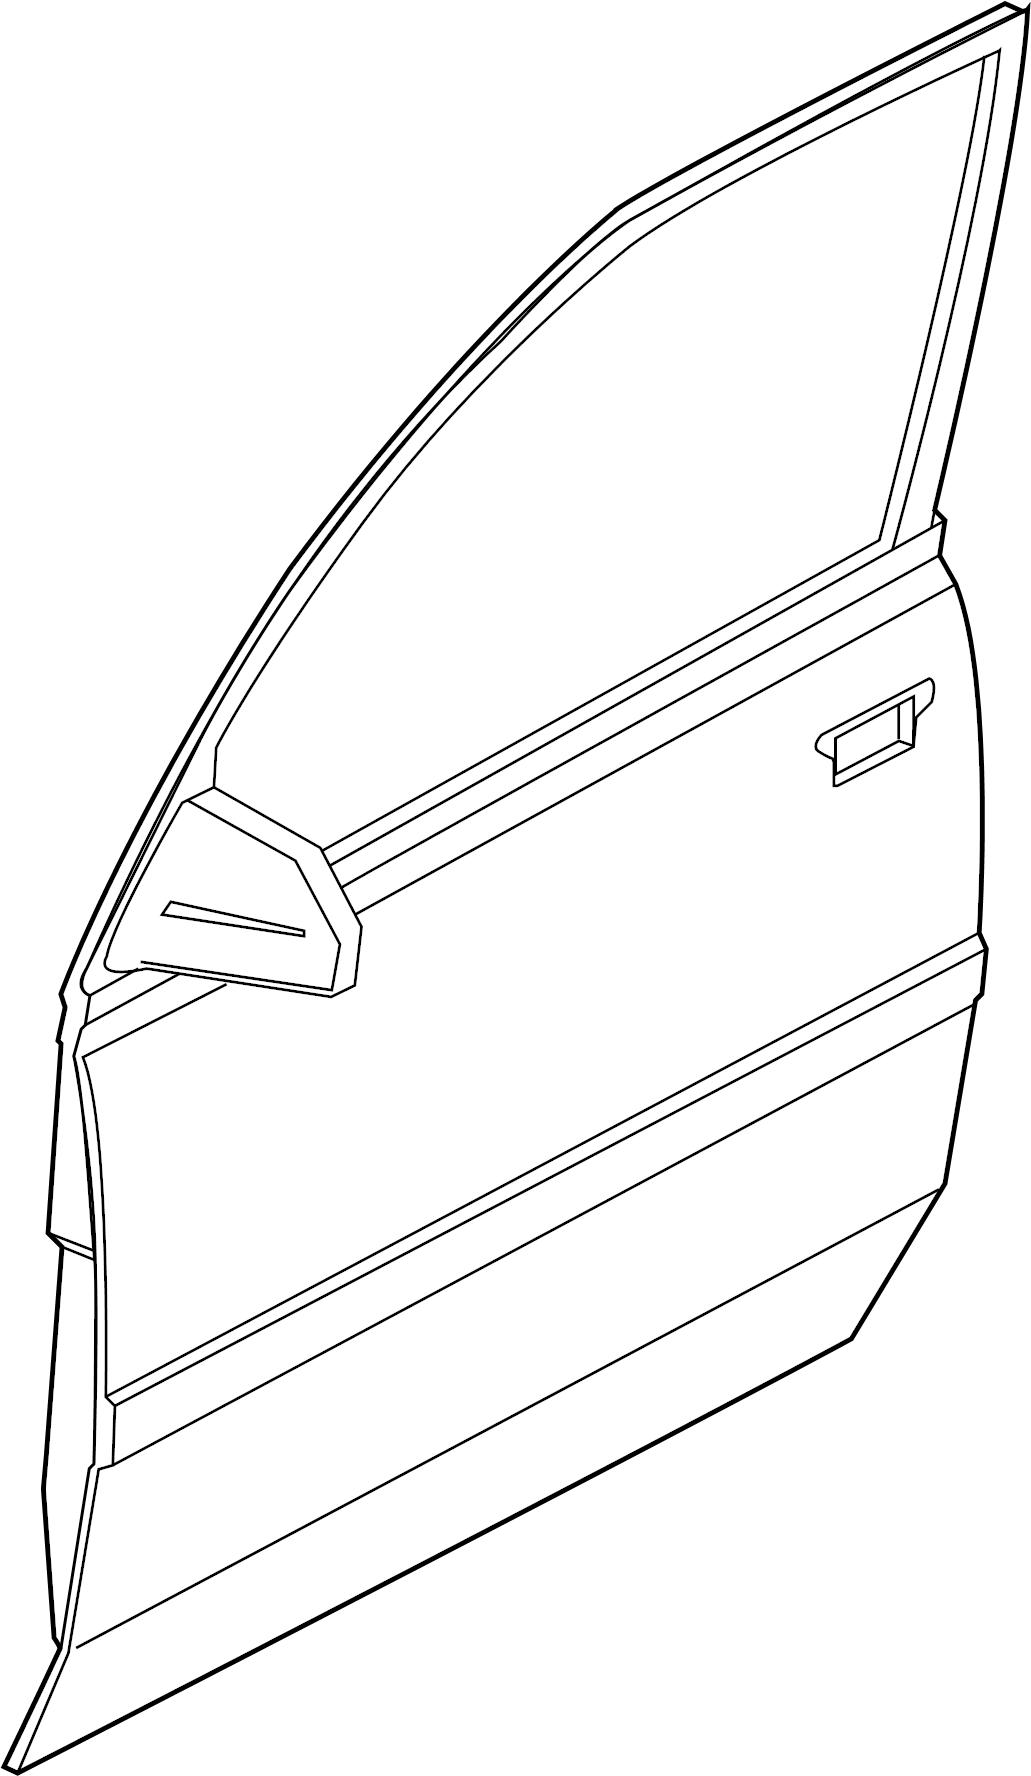 Chevrolet Tracker Mldg F Dc Molding Side Molding 4 Door Standard 4 Door Zr2